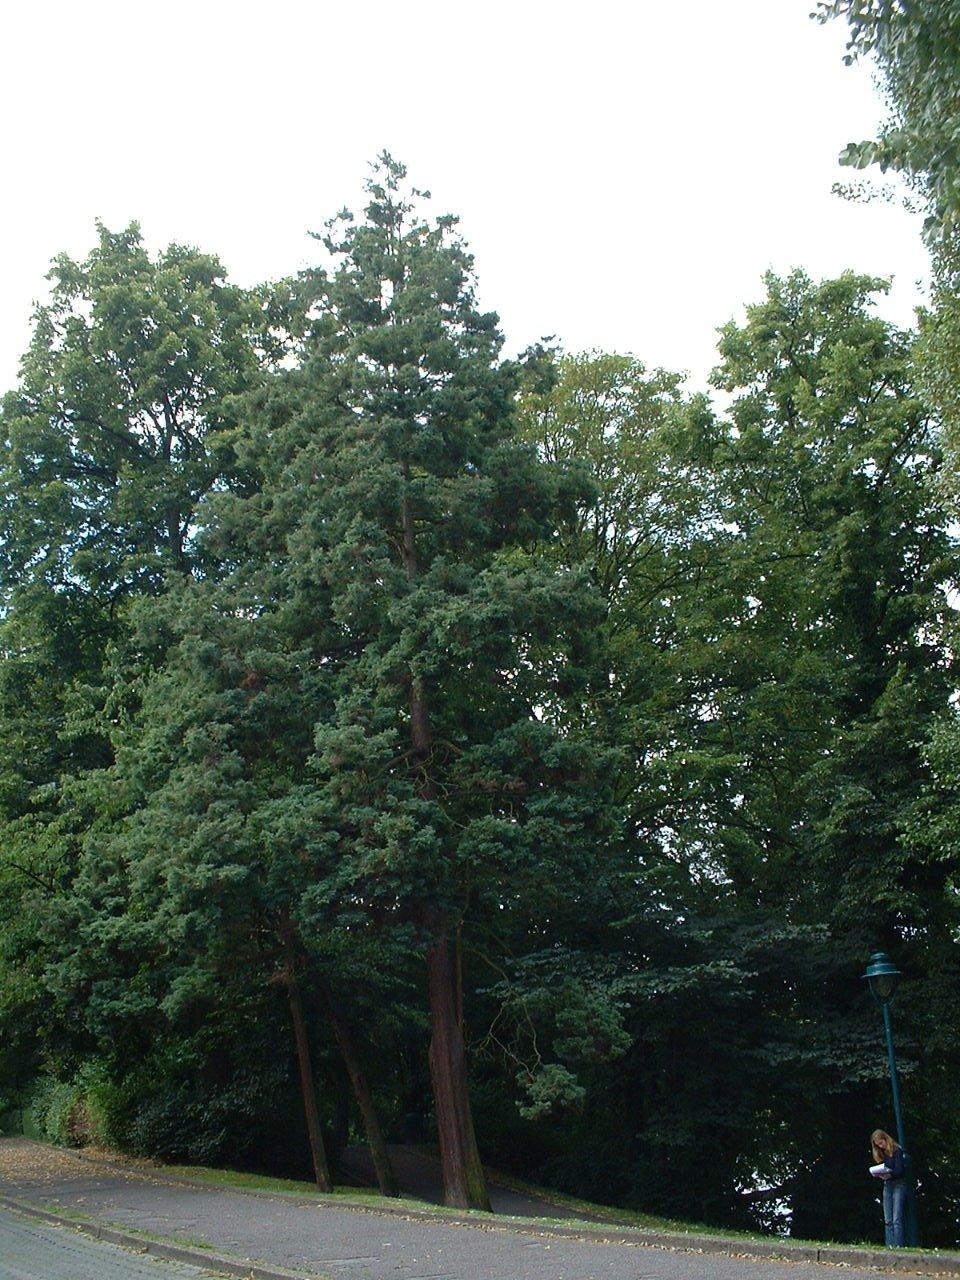 Dwerg- of schijncipres – Watermaal-Bosvoorde, Tenreukenpark, Woudmeesterlaan –  22 Juli 2002